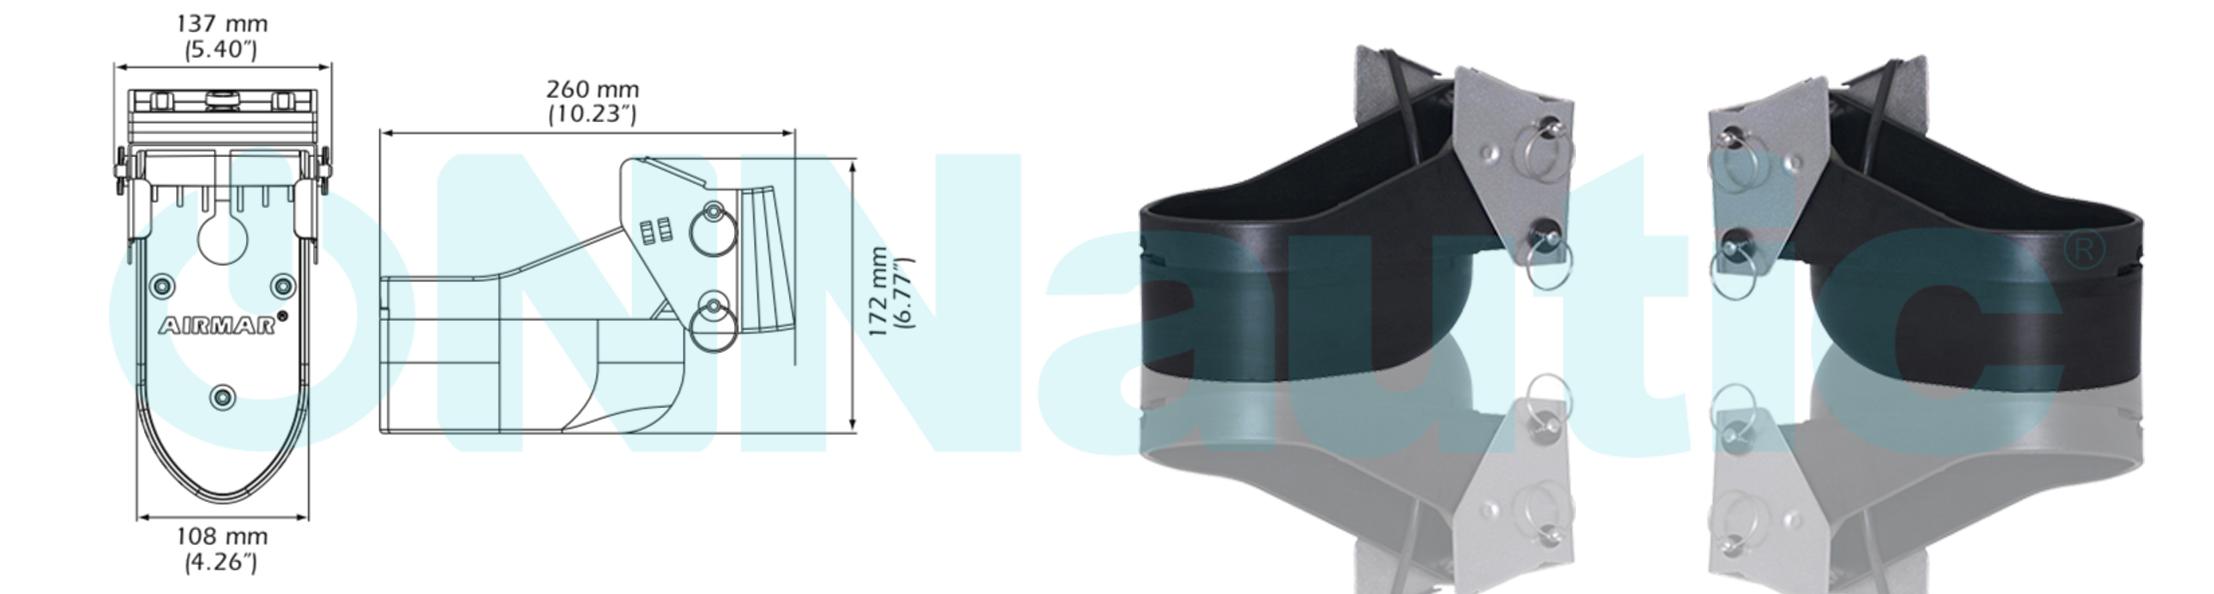 Dimensiones TM265